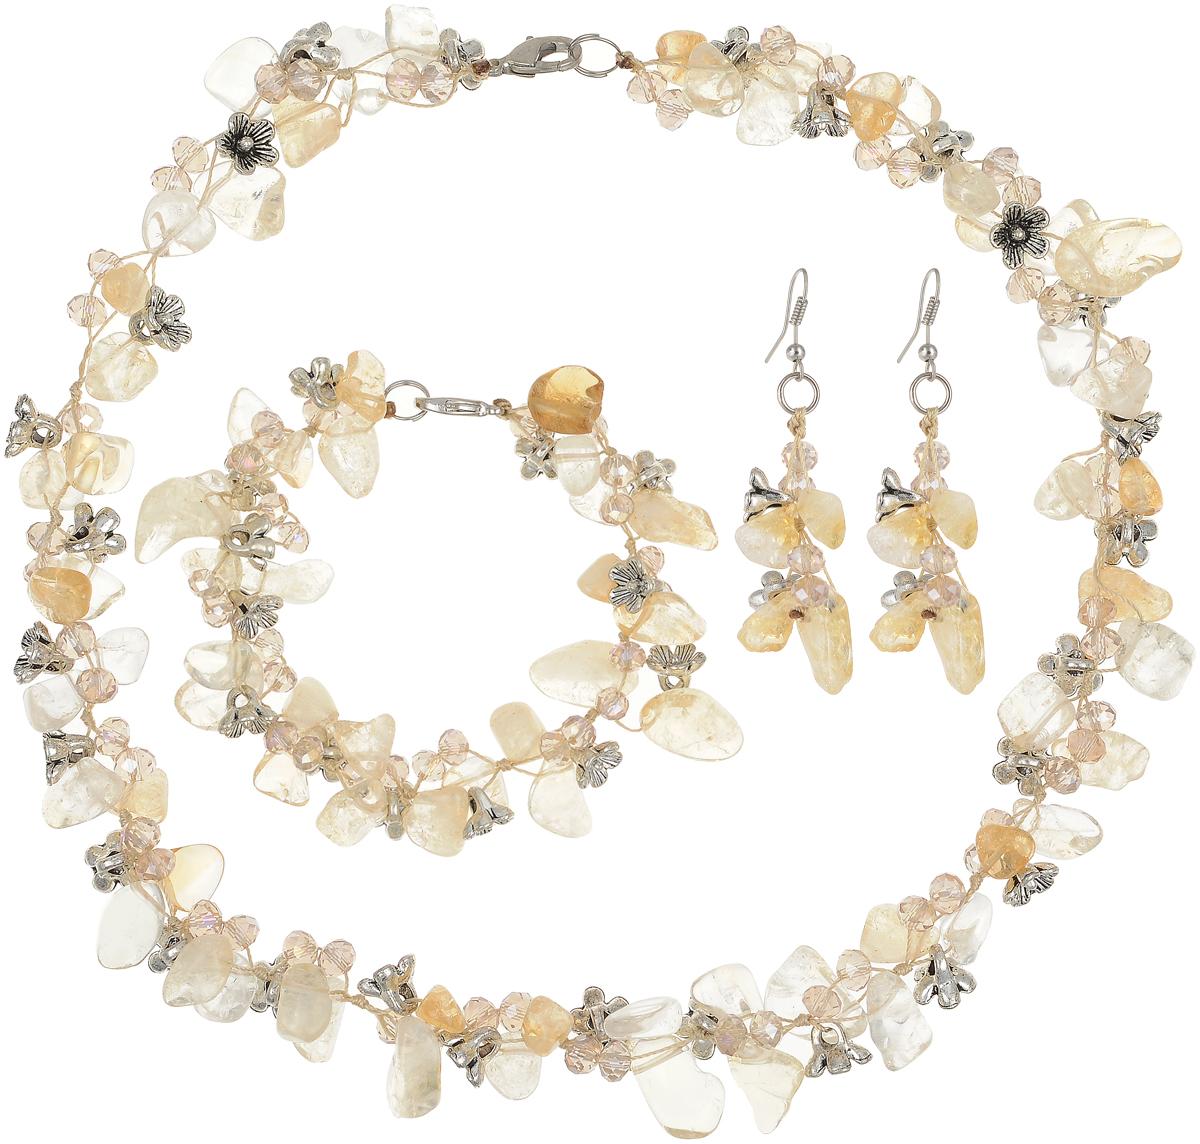 Комплект бижутерии Art-Silver: ожерелье, браслет, серьги, цвет: желтый. СМЦ36-8-956Колье (короткие одноярусные бусы)Великолепный комплект бижутерии Art-Silver состоит из оригинального ожерелья, сережек и браслета. Изделия выполнены из бижутерного сплава, цитрина и кристаллов. Серьги дополнены удобным замком-петлей, что обеспечивает надежное удержание серьги. Ожерелье застегивается на застежку-карабин. Браслет так же застегивается на застежку-карабин.